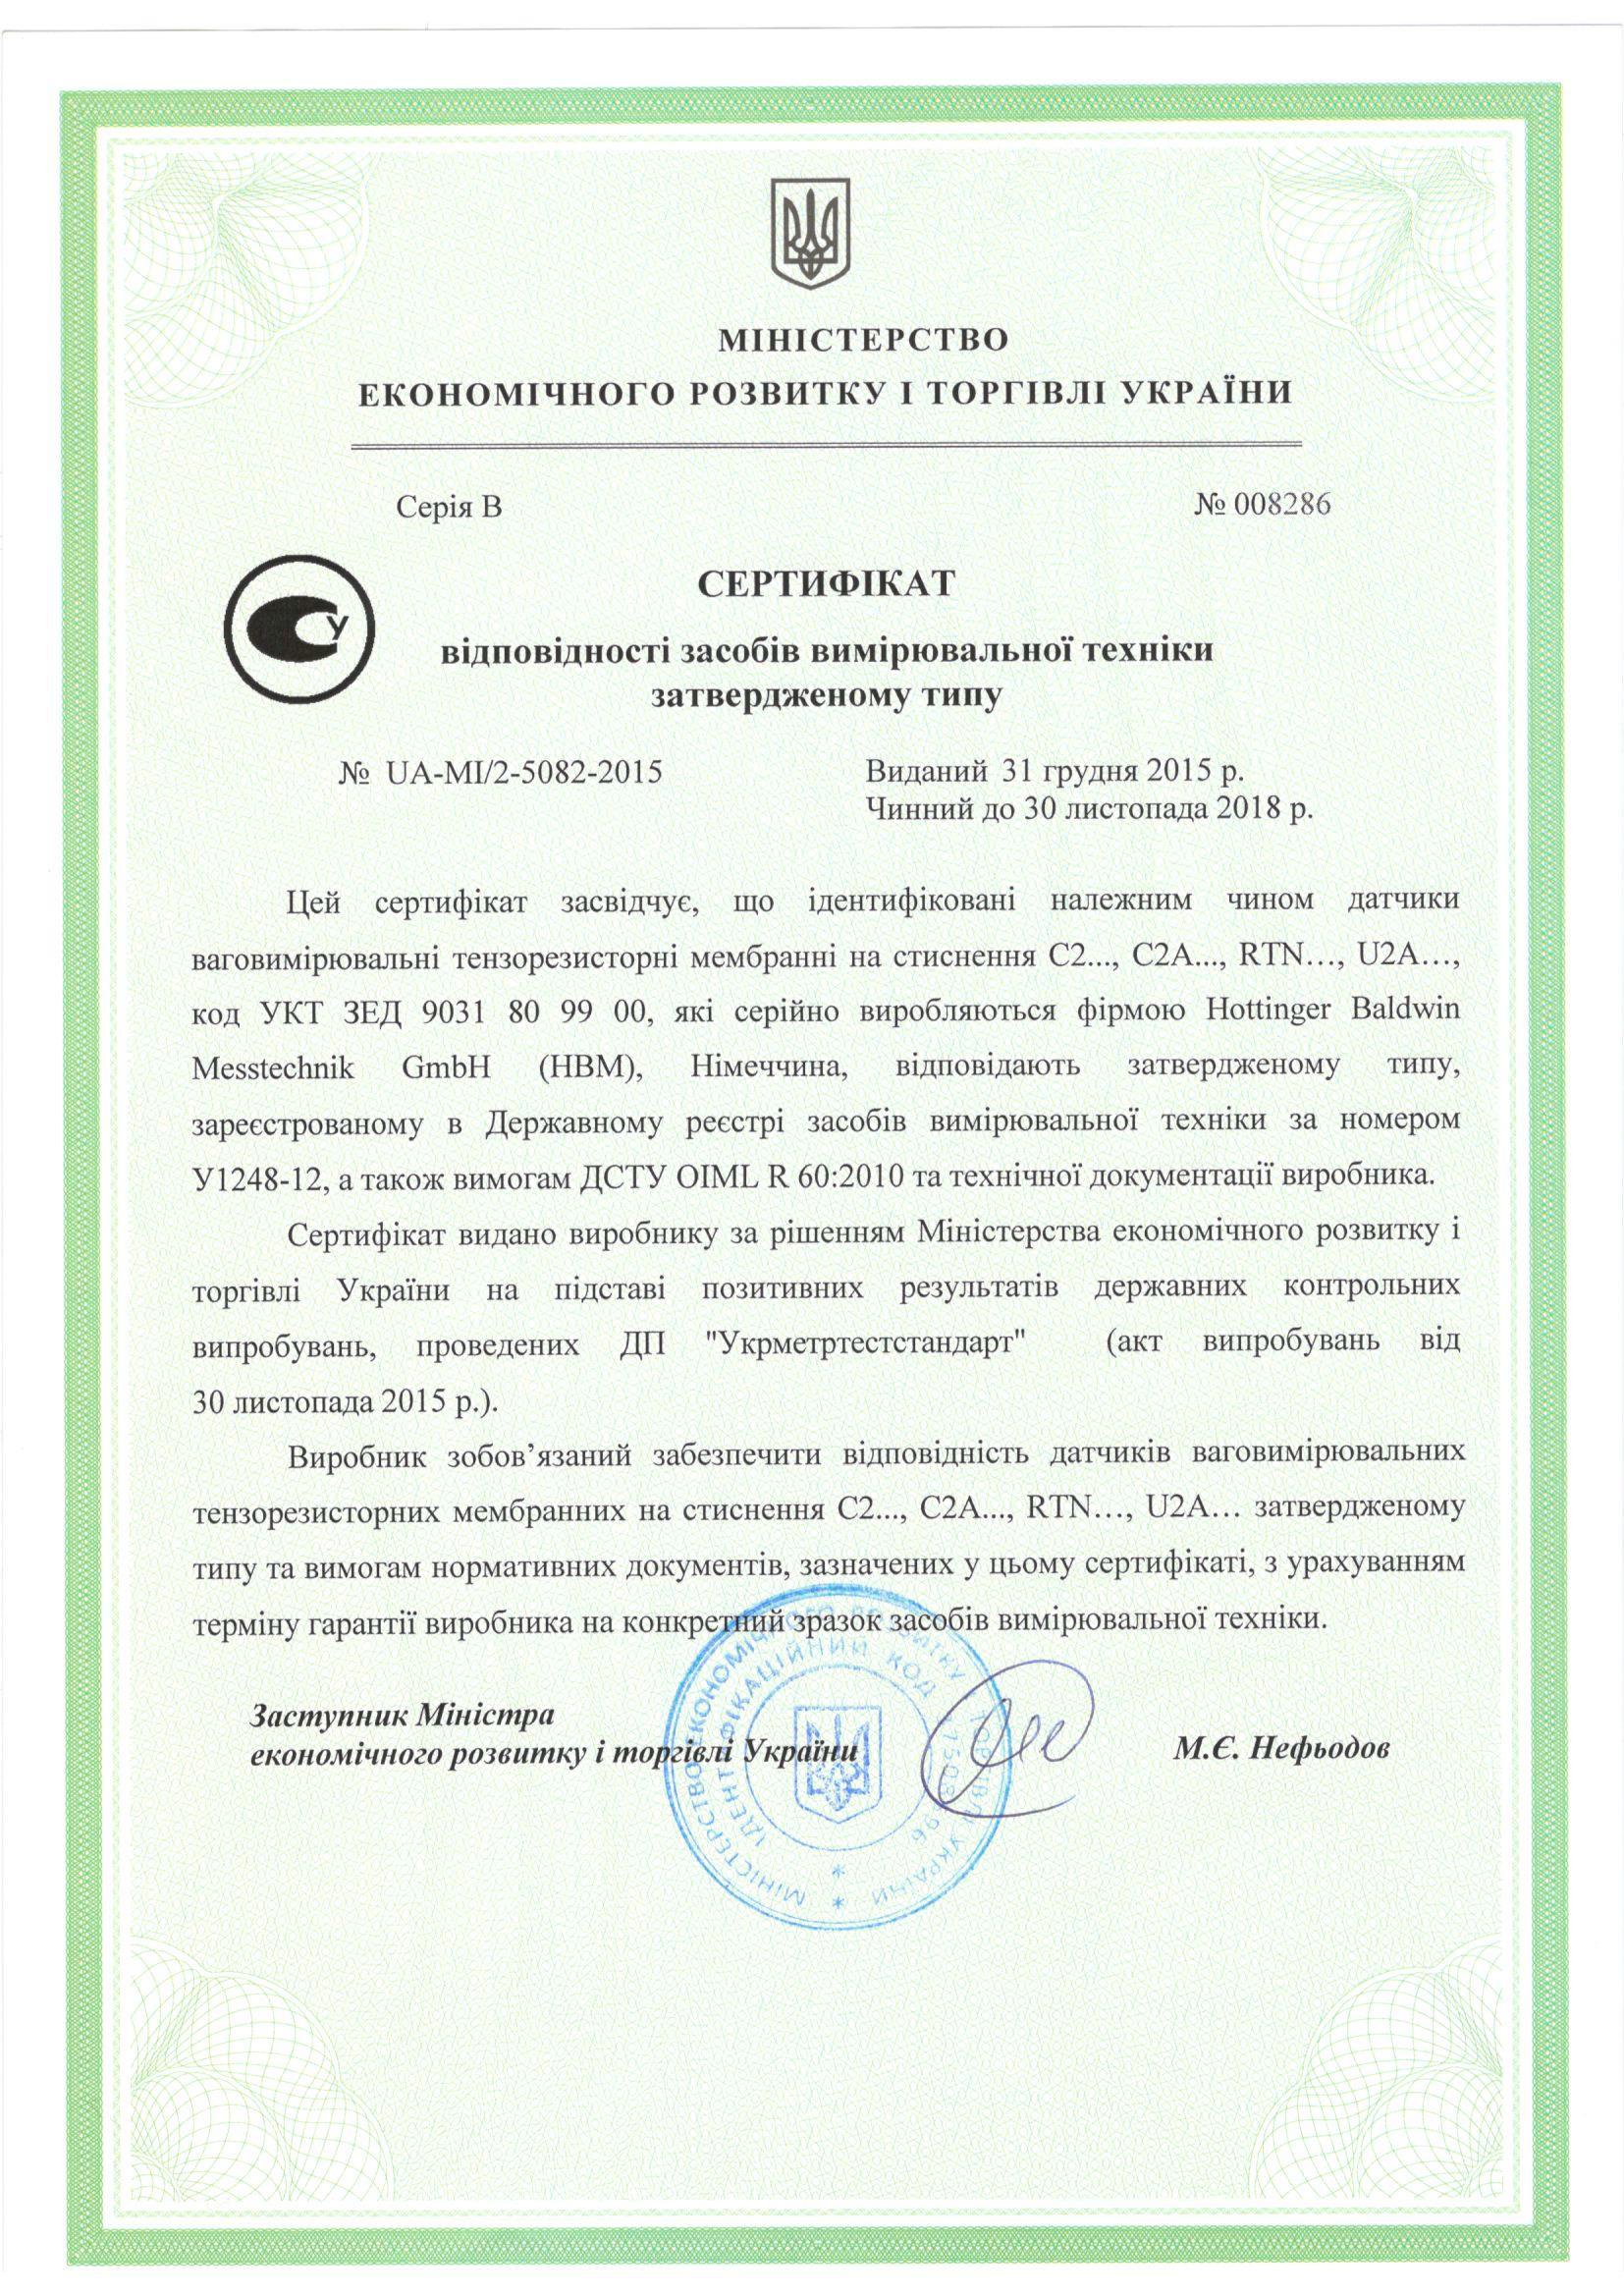 Сертифікат С2,С2А,RTN,U2A_Німеччина